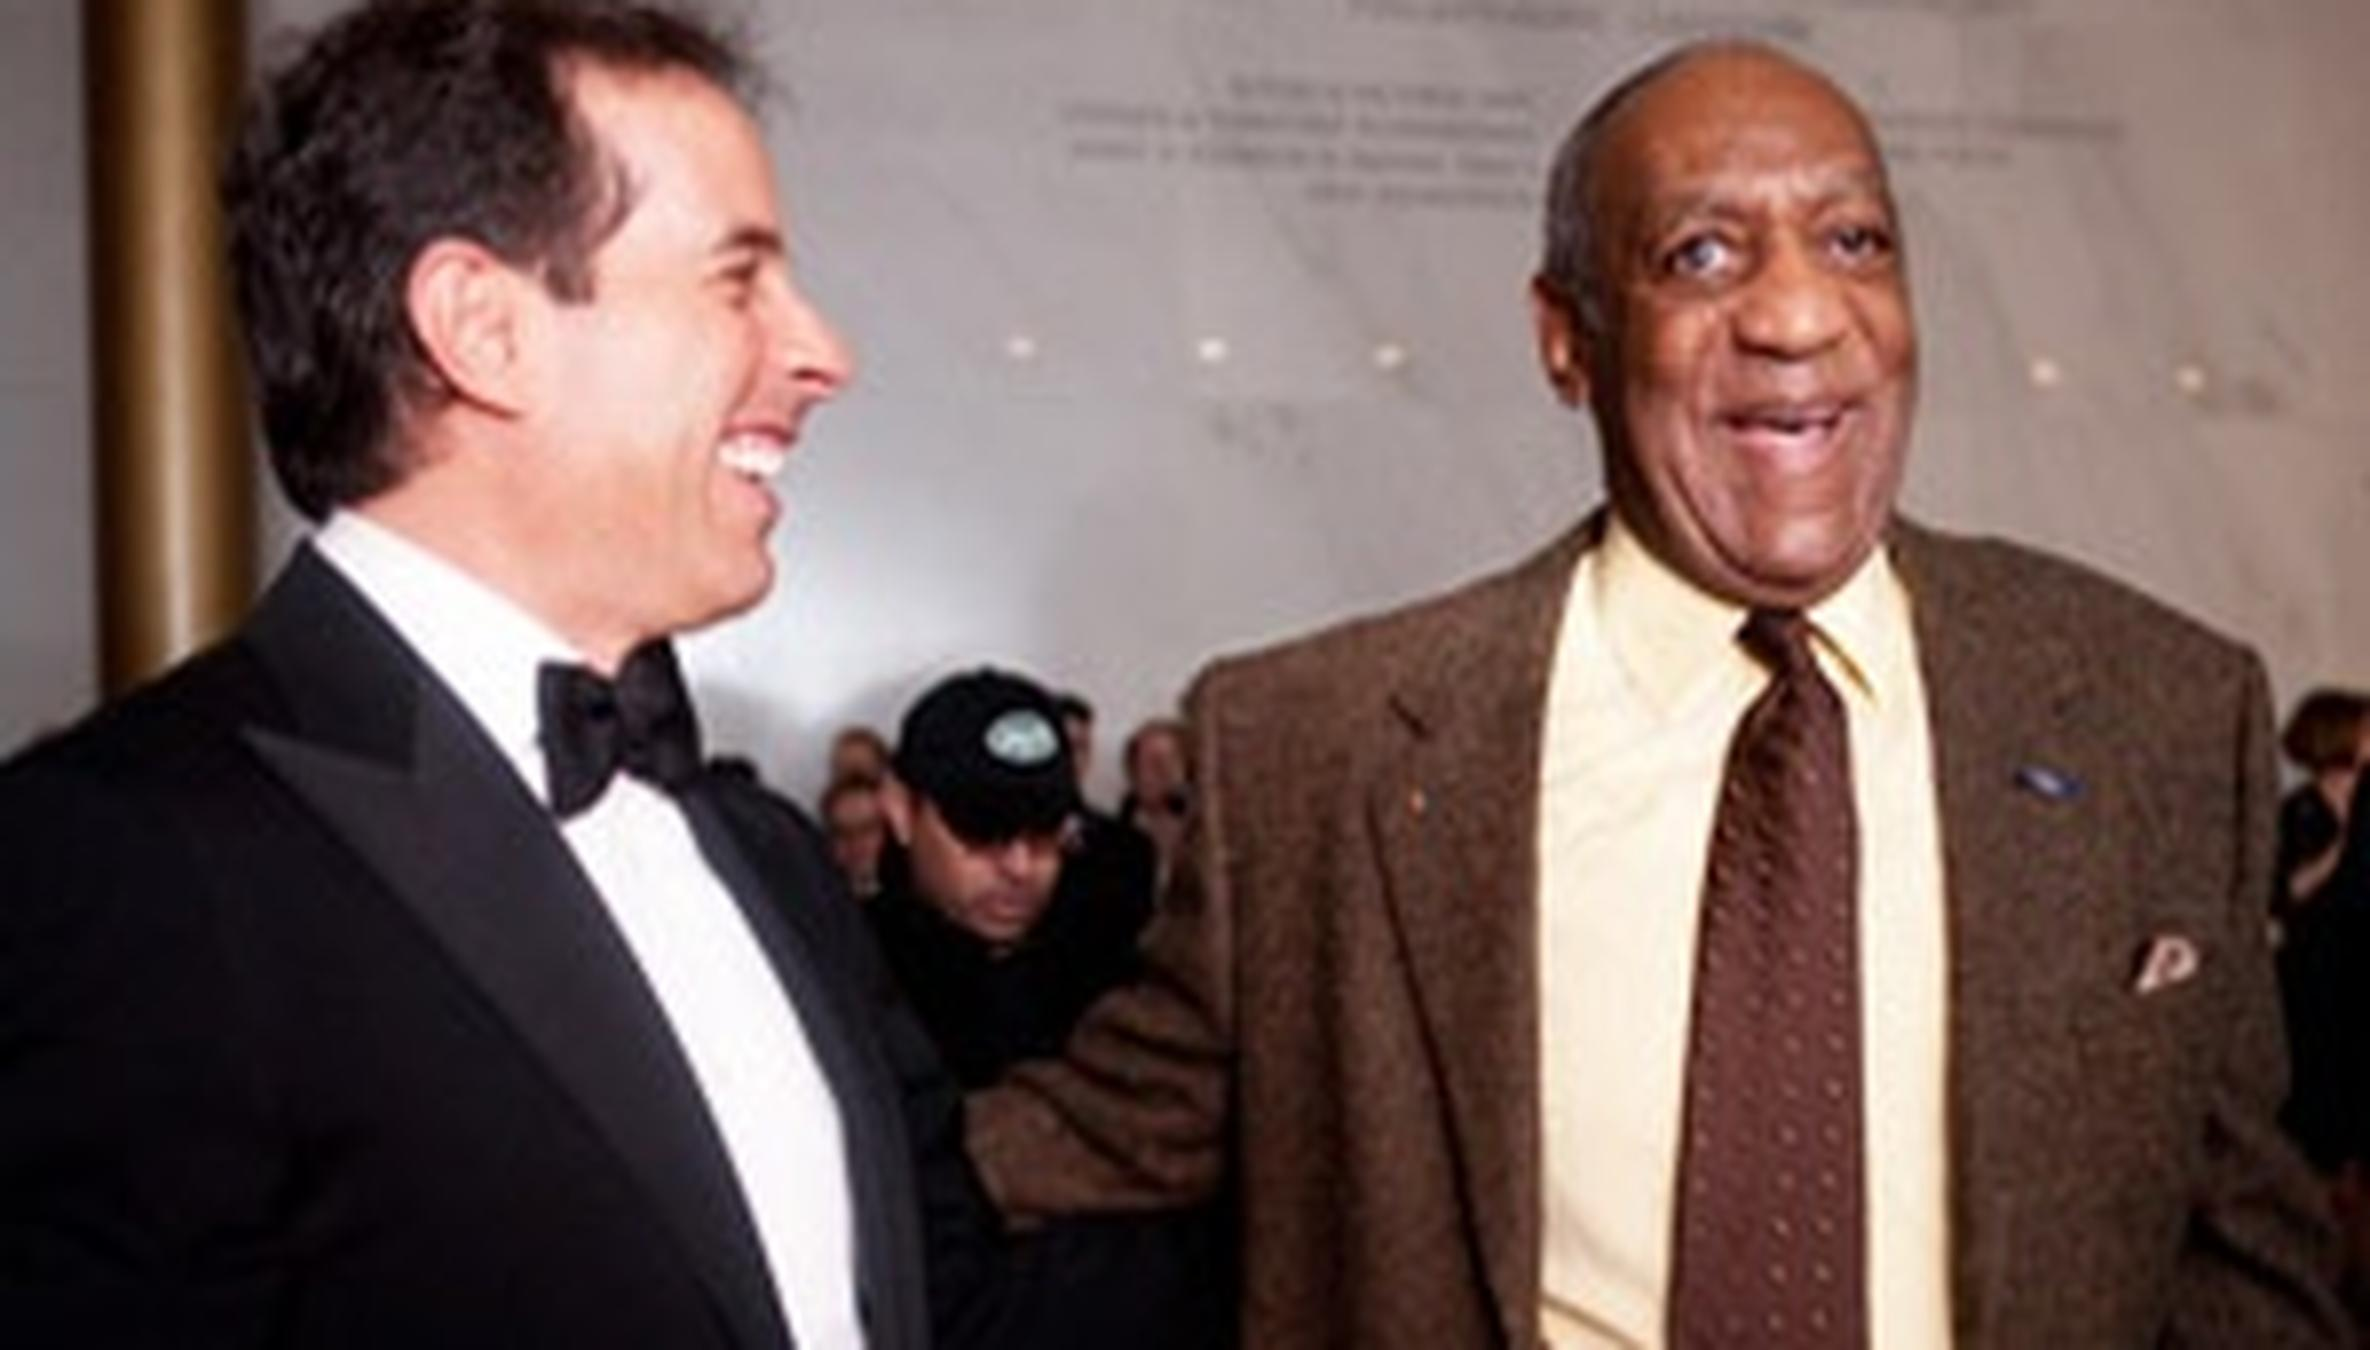 Adam Sandler Cosby Show joke's on bill cosby as seinfeld, rock pay tribute